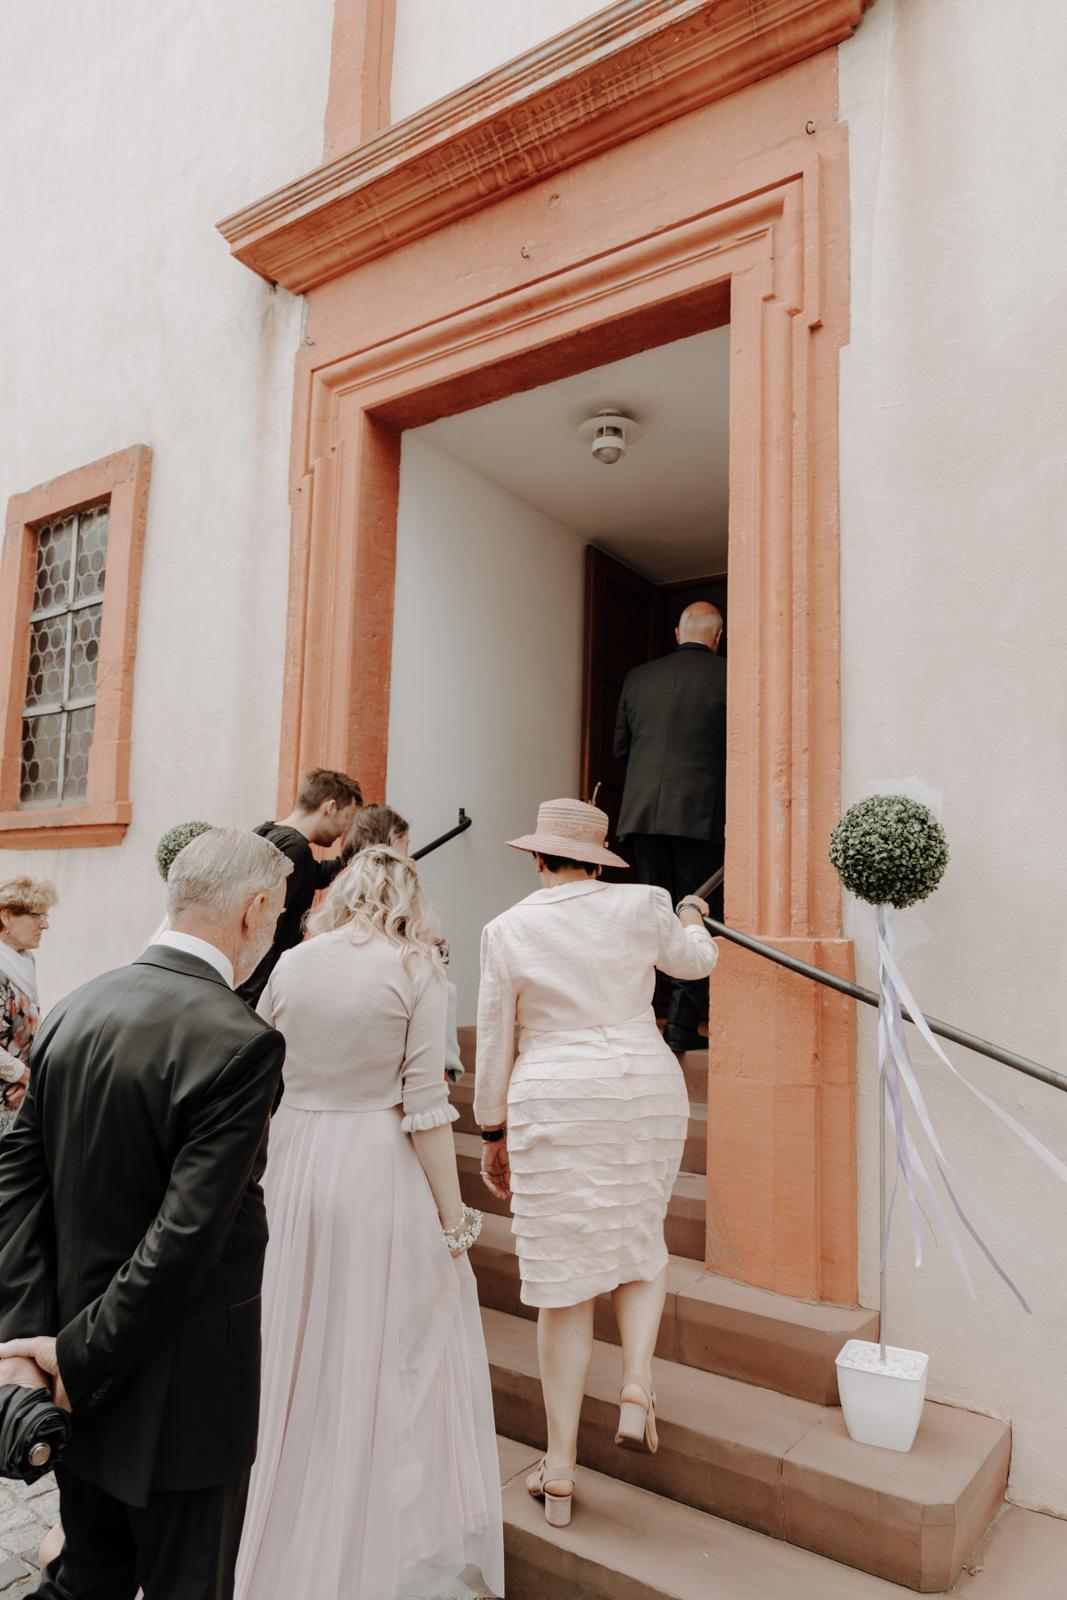 hochzeit-janina-und-christian_website_jasminjohanna_72dpi_80pz_1600-Janina&Christian–Trauung–Auswahl–RGB–200dpi–90pz-8